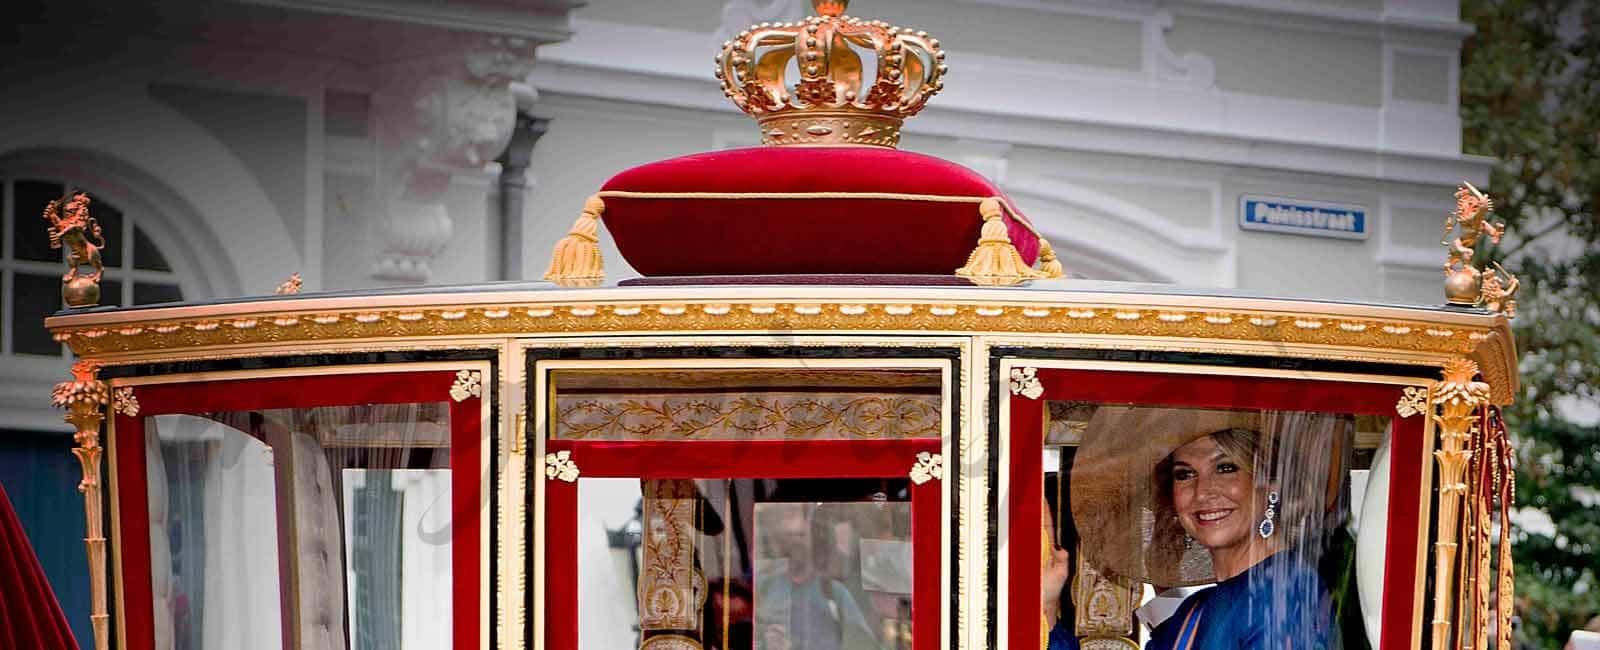 La reina Máxima, espectacular en la apertura del Parlamento Holandés